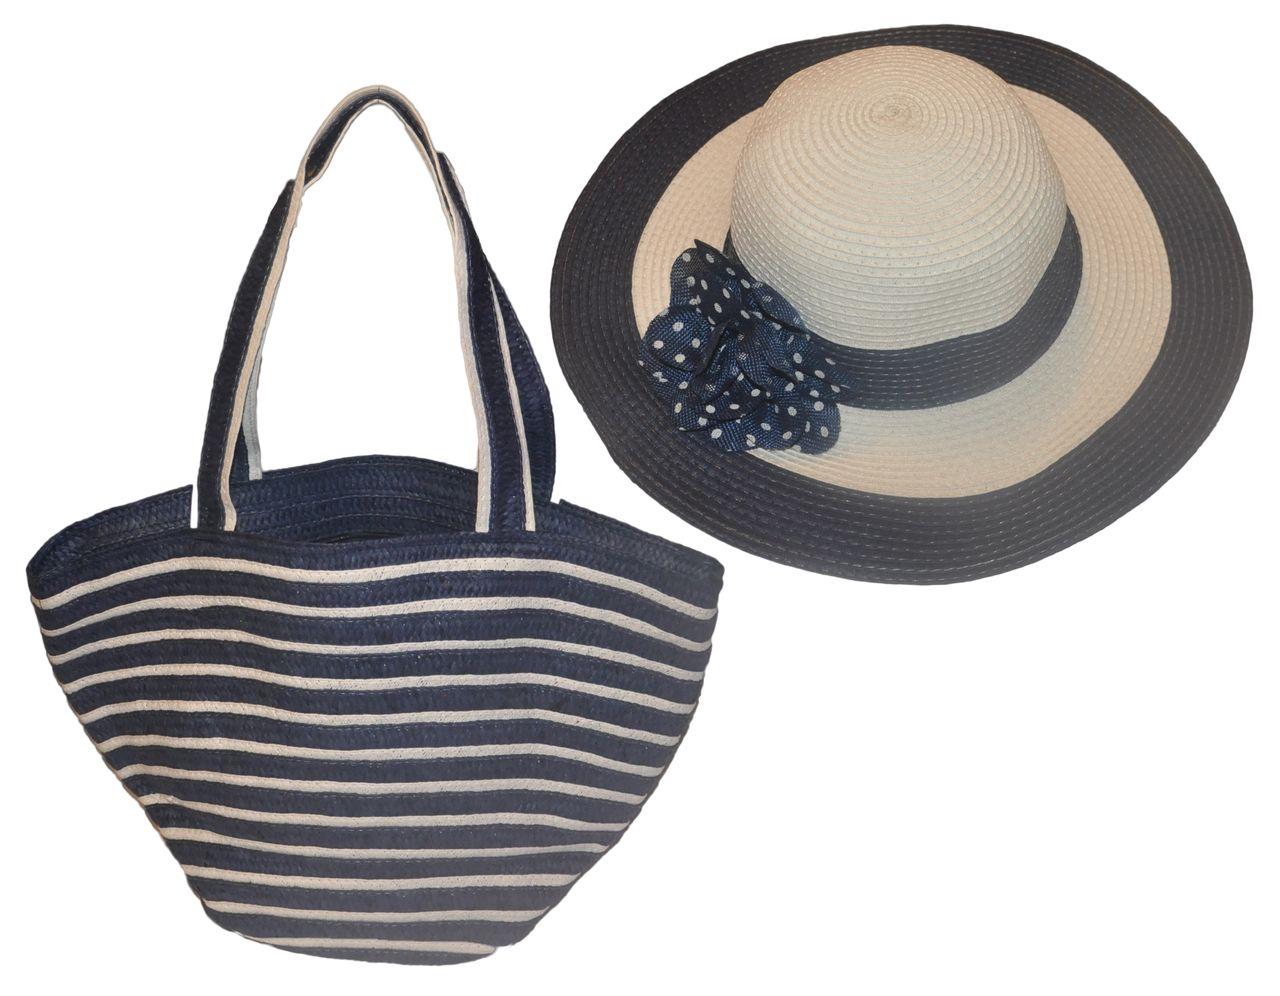 Сбор заказов.Большая весенняя распродажа! Hobby Line: пляжные сумки, шляпы, платки, лосины, носки и прочие нужности-11. Без рядов. Огромные галереи.